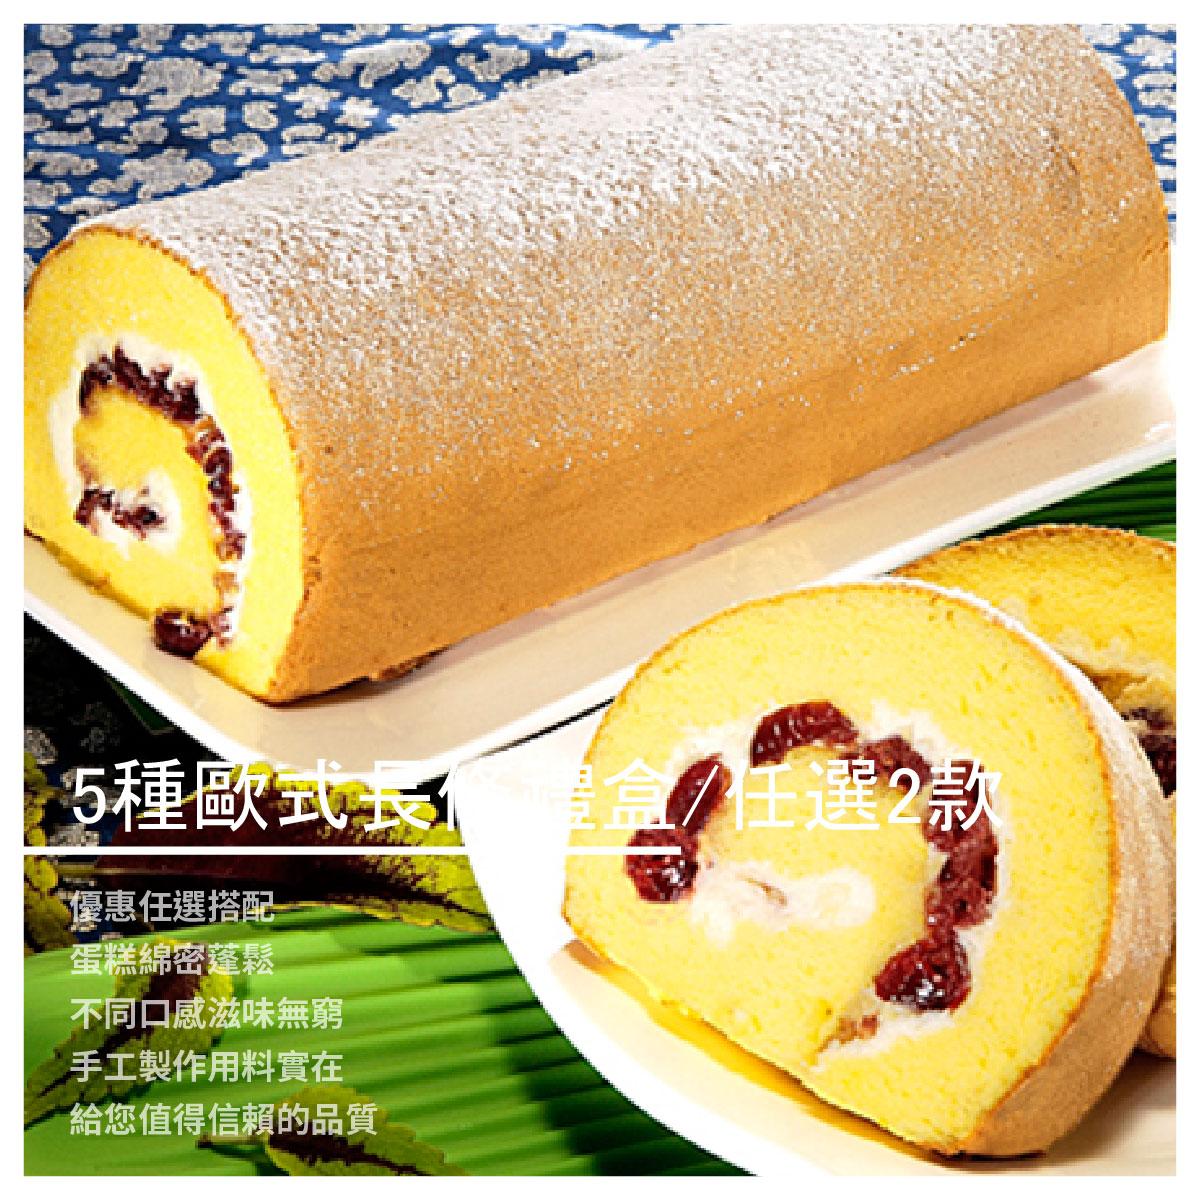 【優仕紳蛋糕】5種歐式長條禮盒/5款任選2款